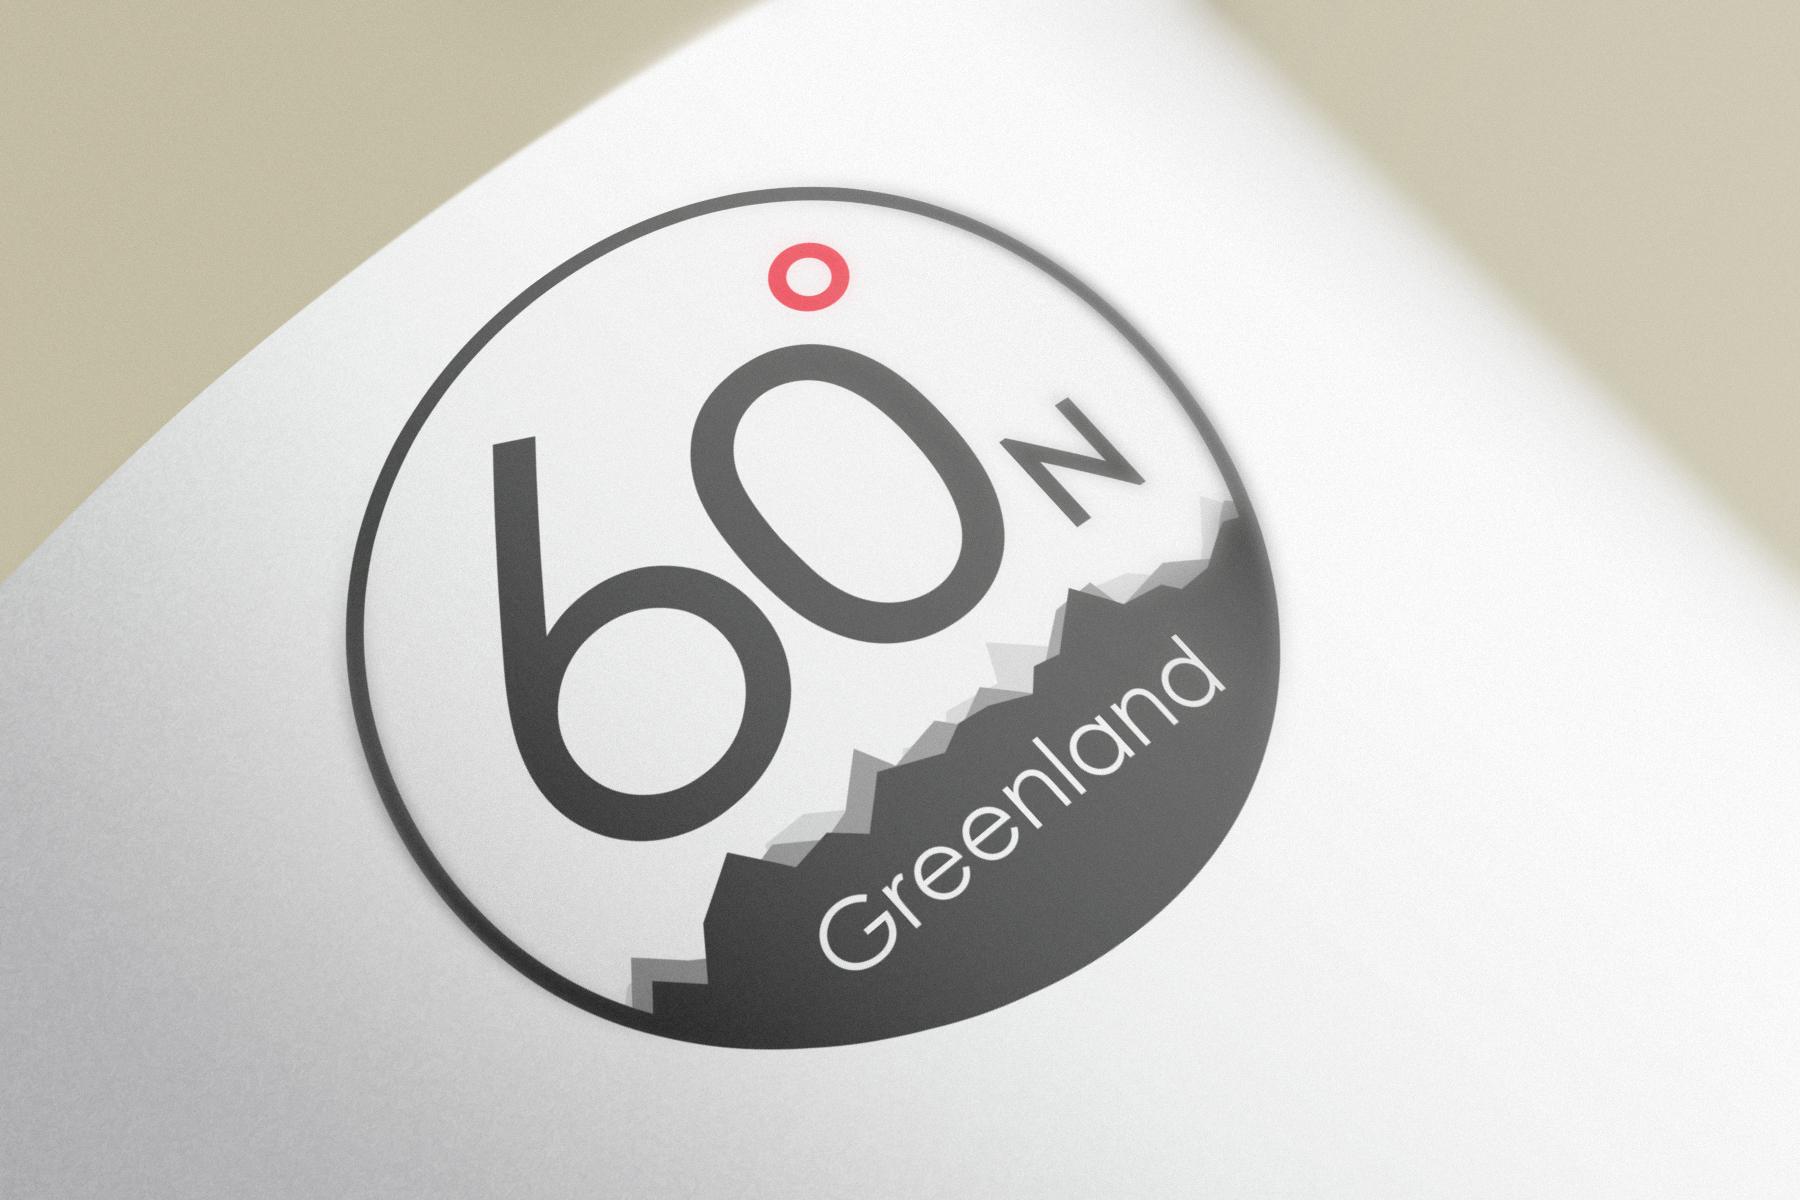 60N Greenland Logo